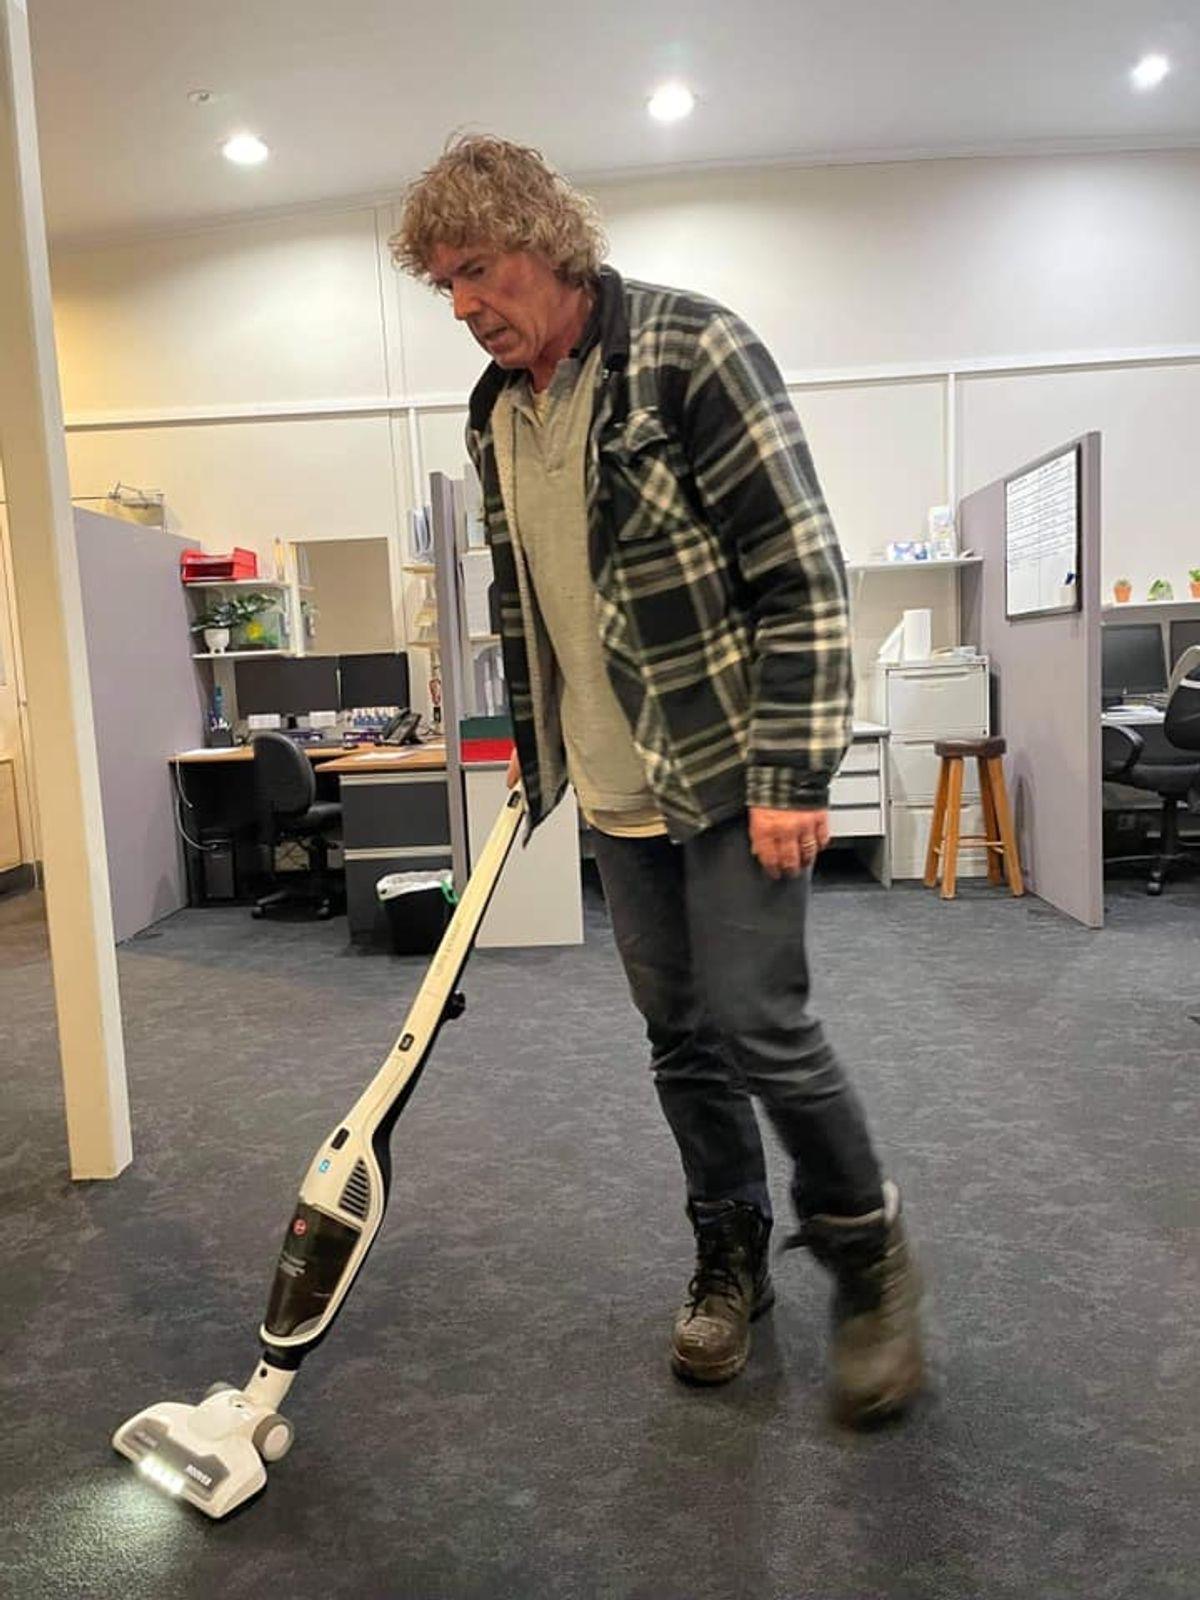 #Cleaningman